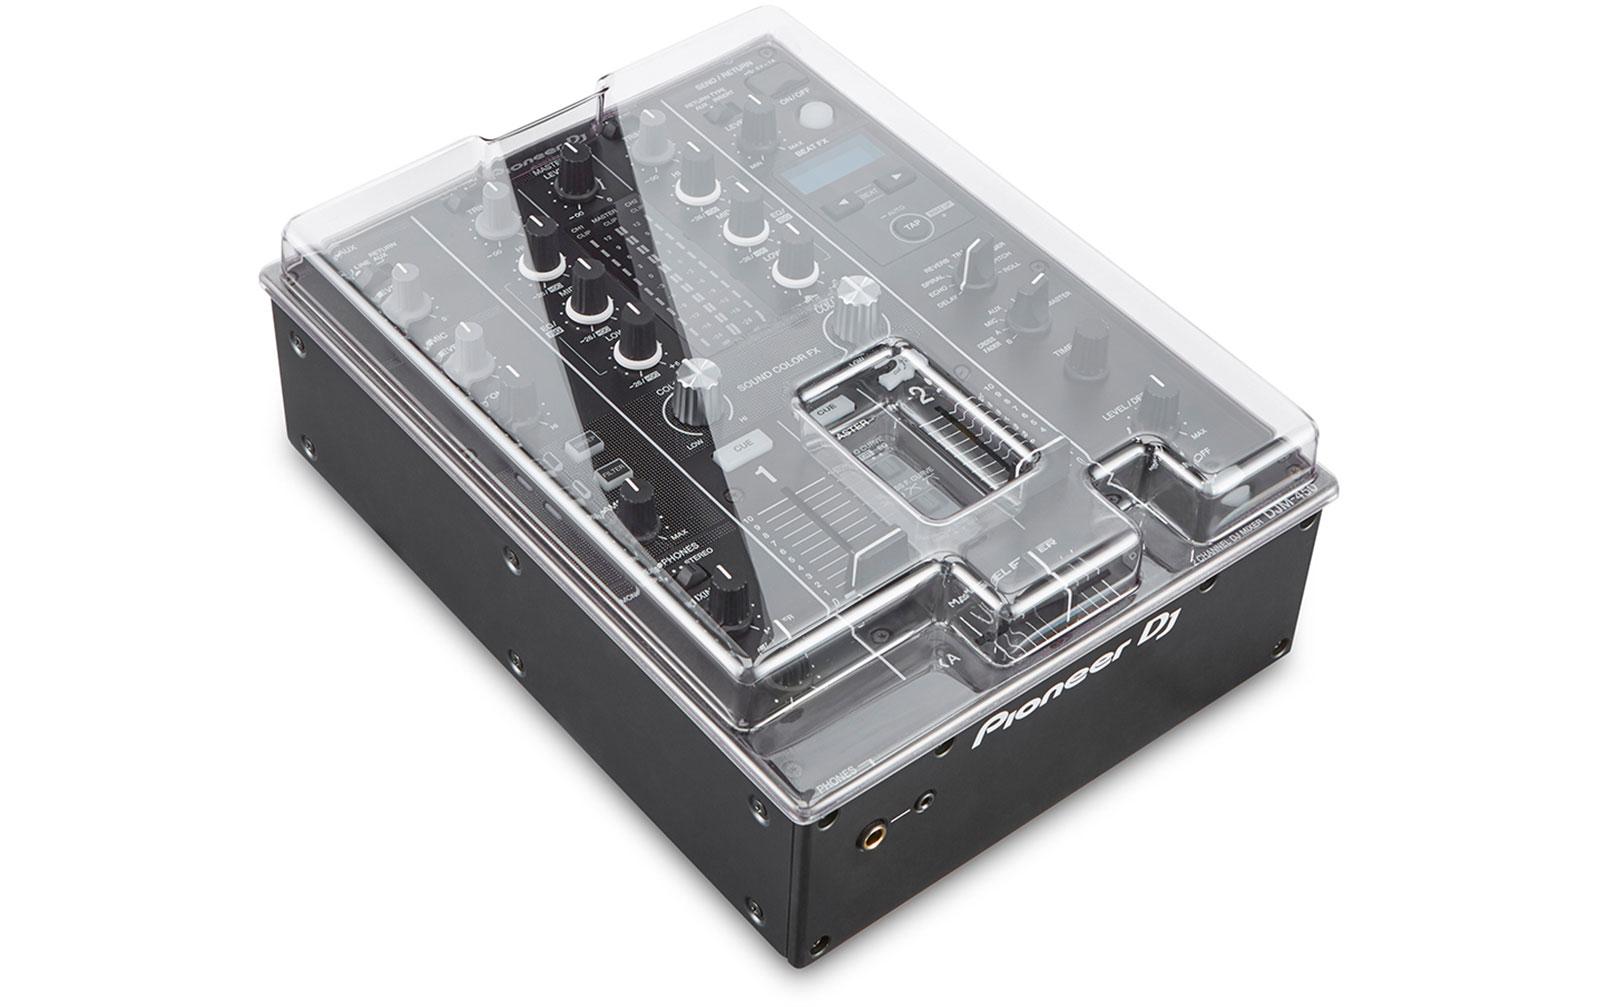 decksaver-pioneer-djm-450-staubschutzabdeckung